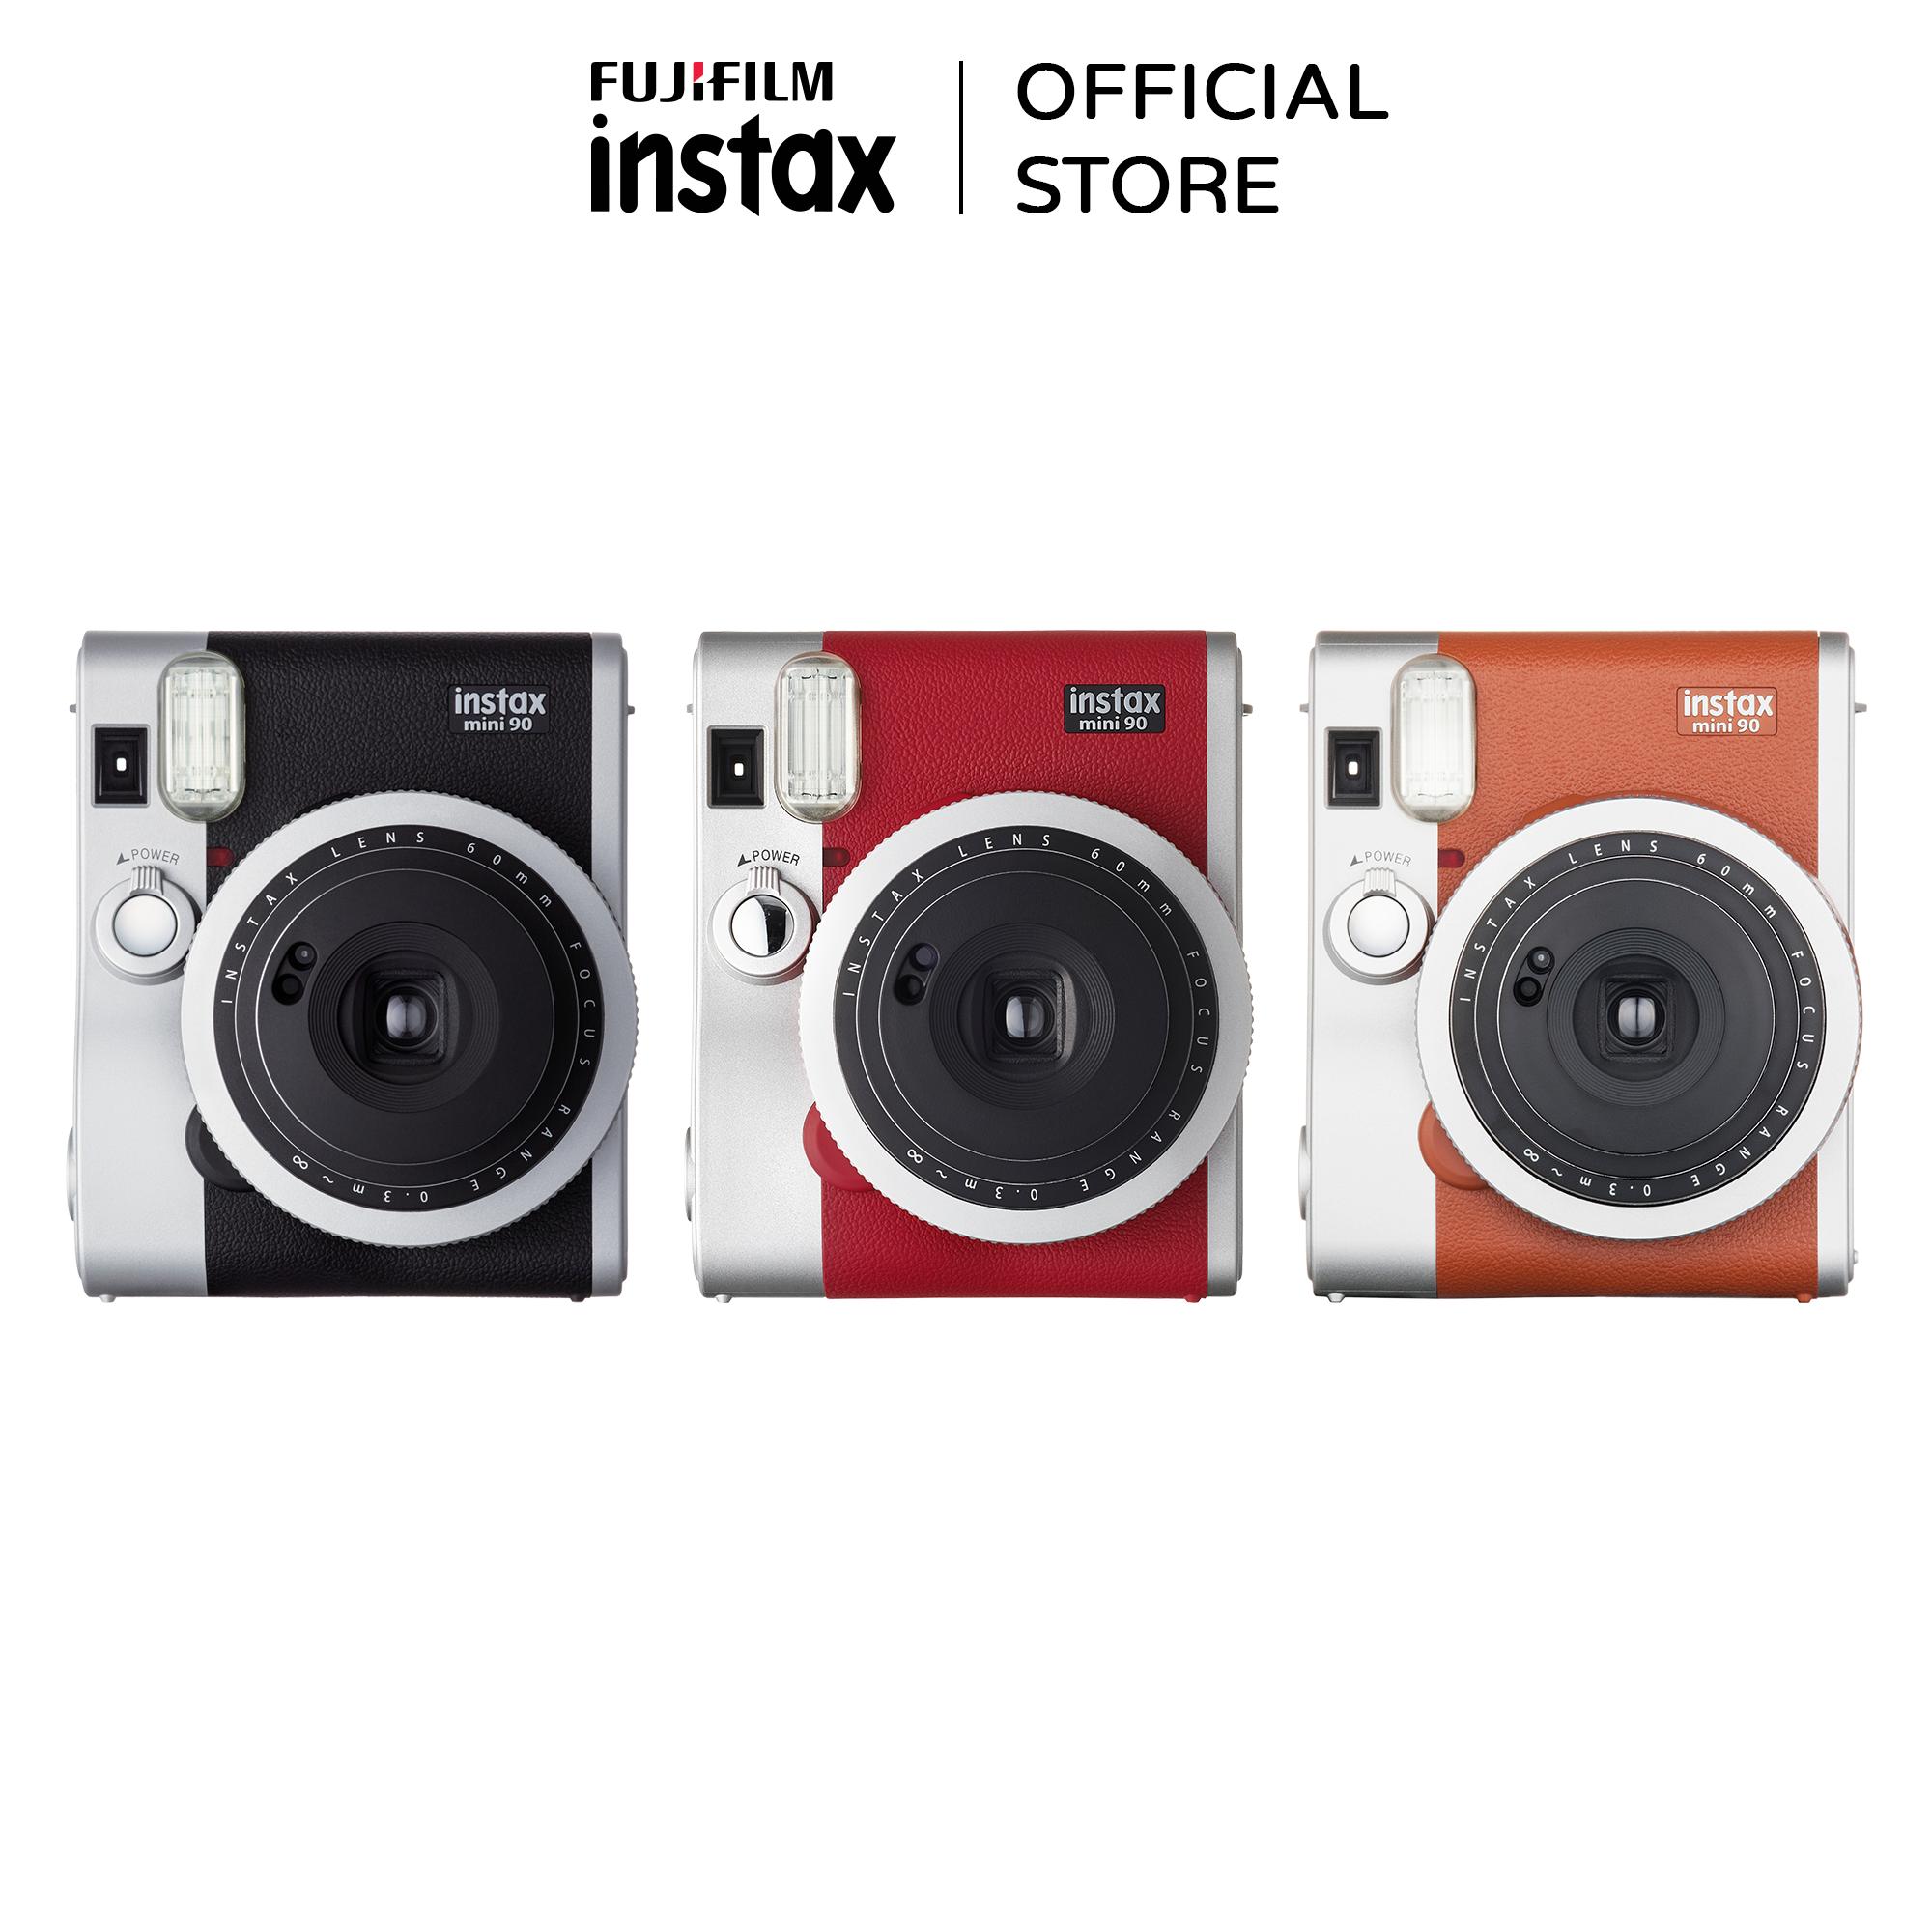 [Trả góp 0%]Máy chụp ảnh lấy liền – Fujifilm Instax Mini 90 Neo Classic